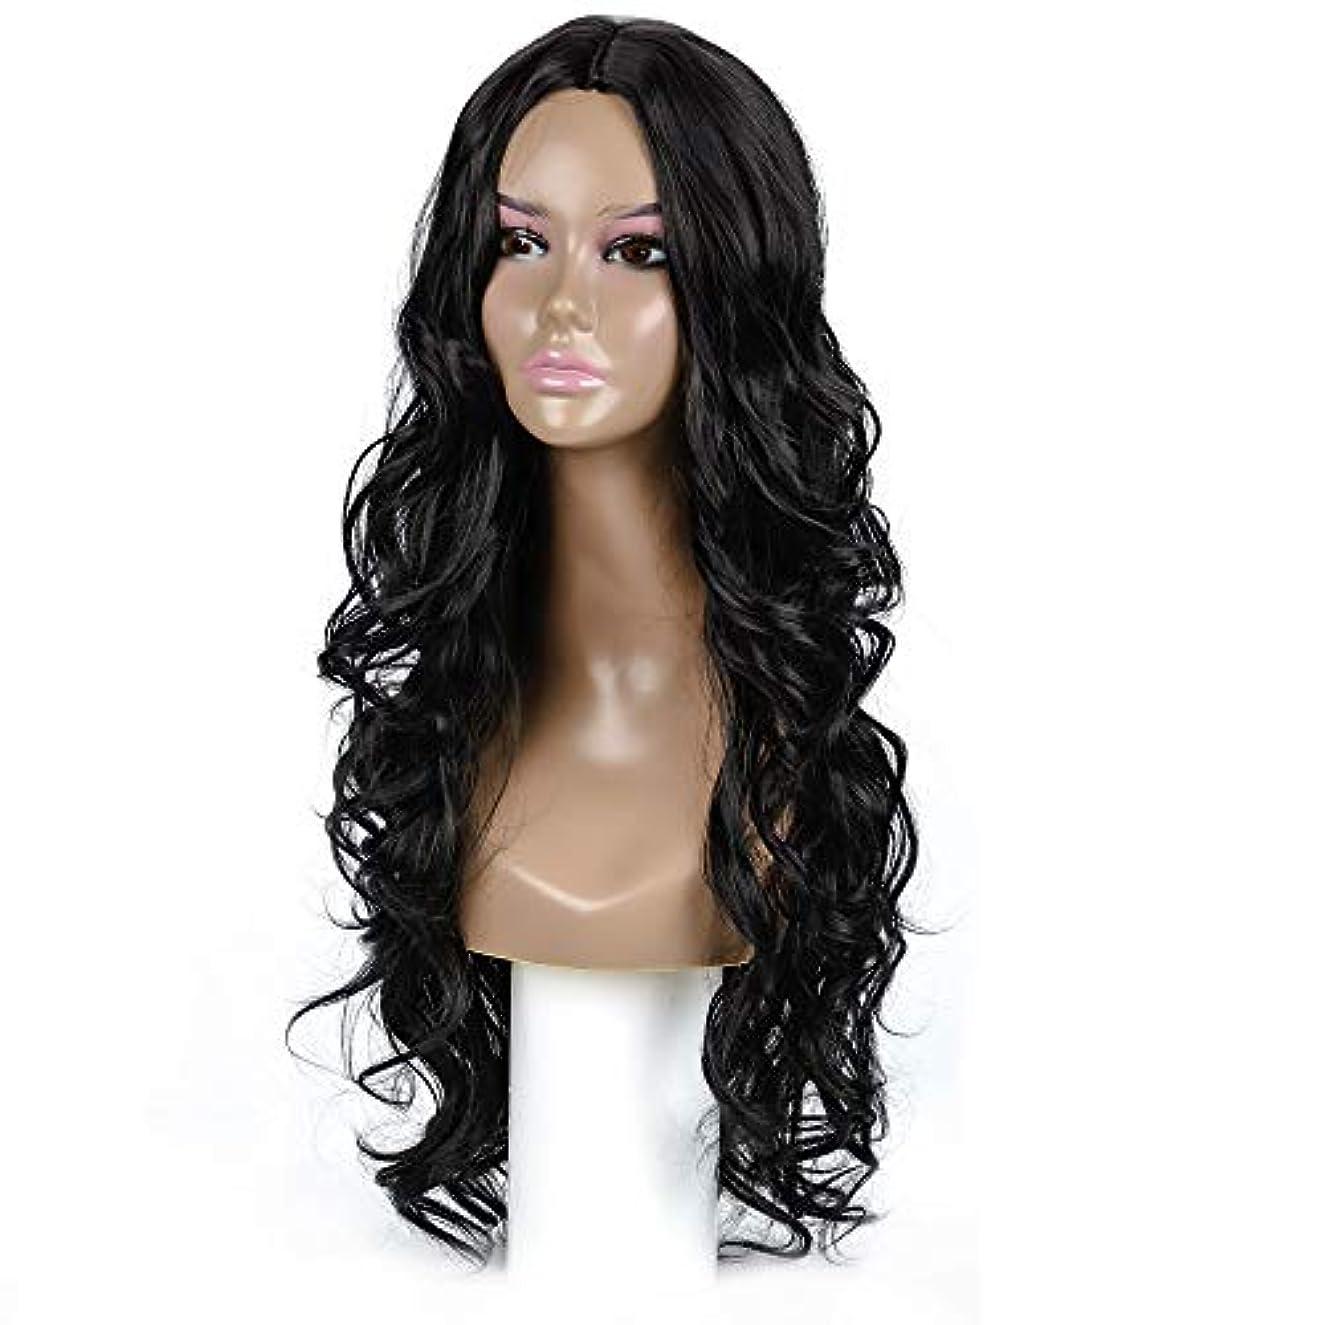 冬パースブラックボロウ台風女性のナチュラルブラックロングカーリーウェーブのかかった髪かつら24インチの人工毛の交換かつらハロウィンコスプレ衣装アニメパーティーファッションかつら